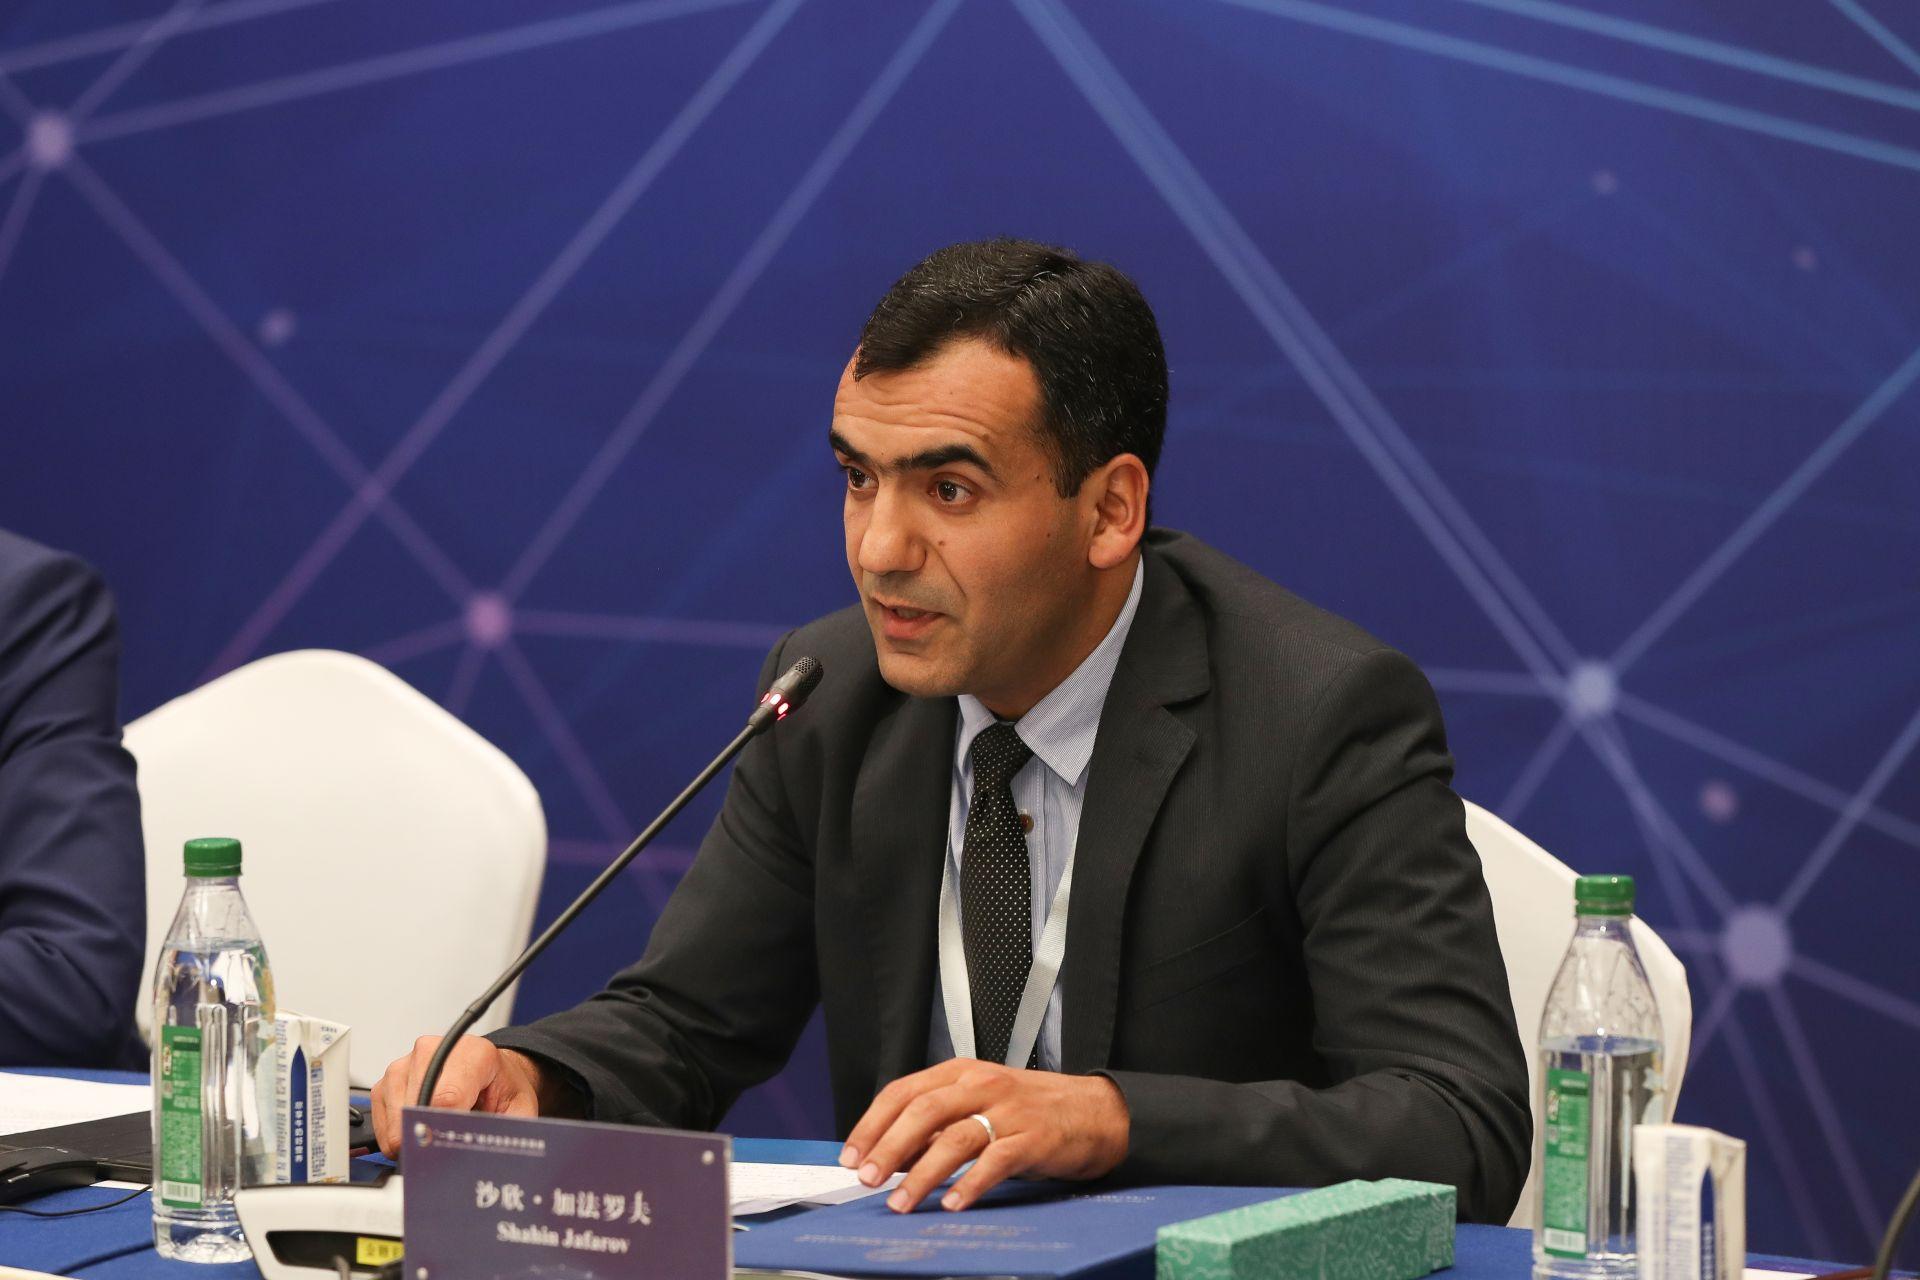 沙欣•加法罗夫   阿塞拜疆通讯社中国区负责人